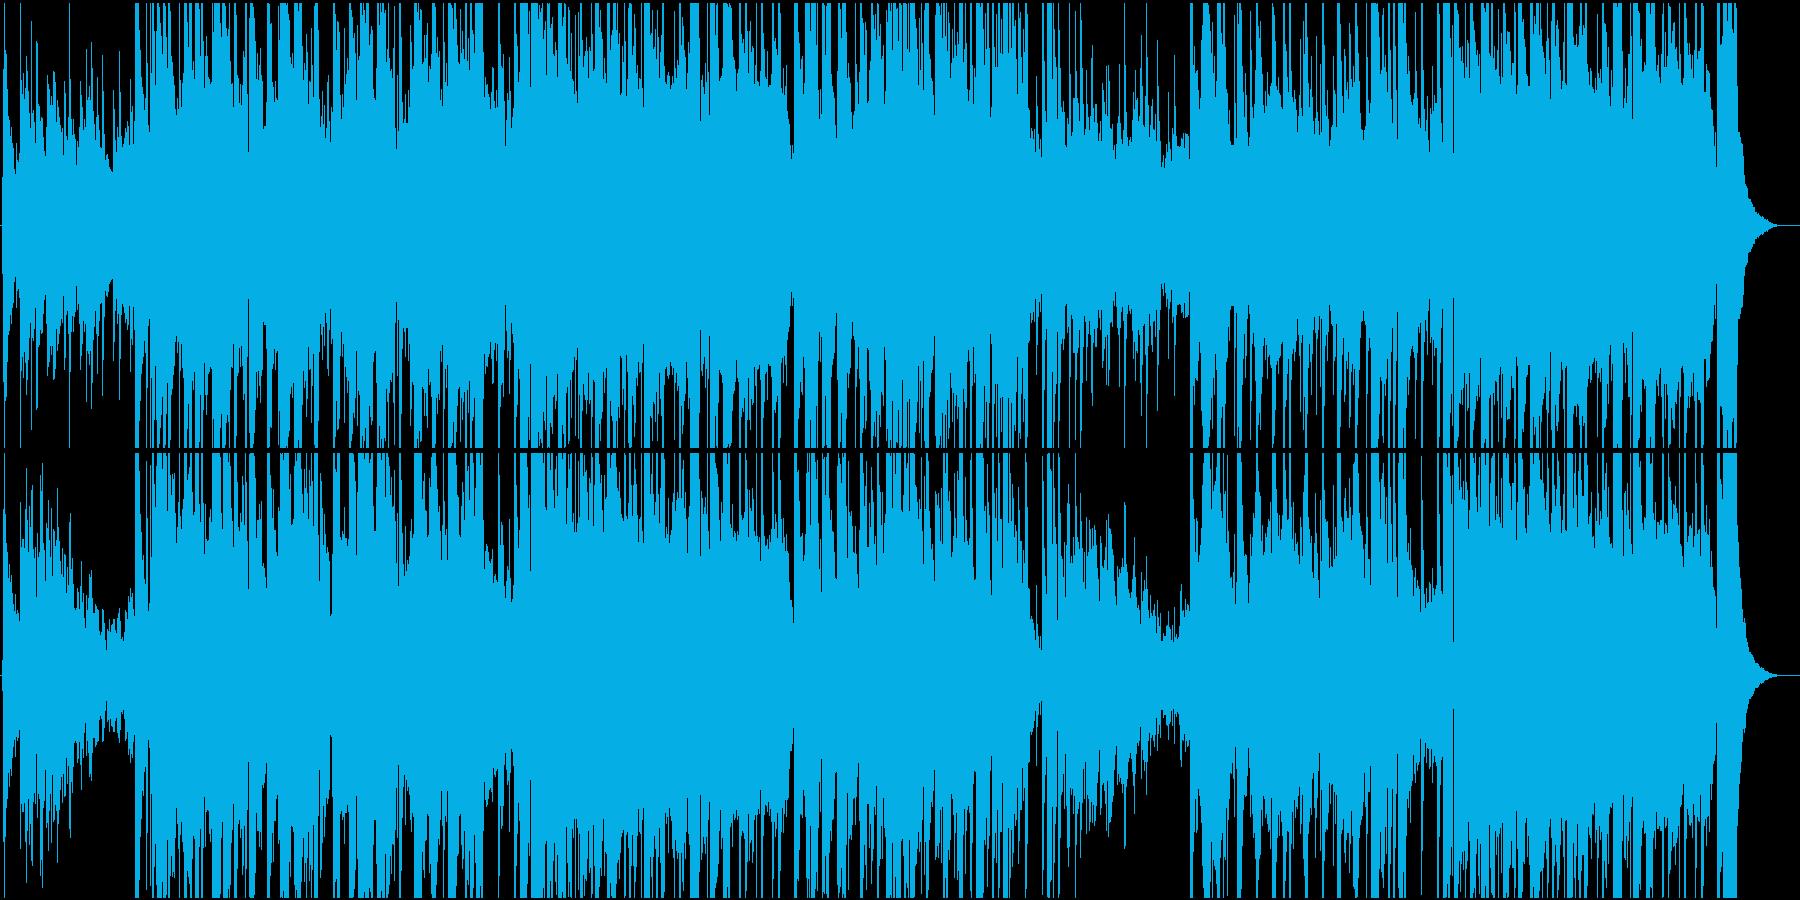 アコギとチェロのゆったりカントリー楽曲の再生済みの波形